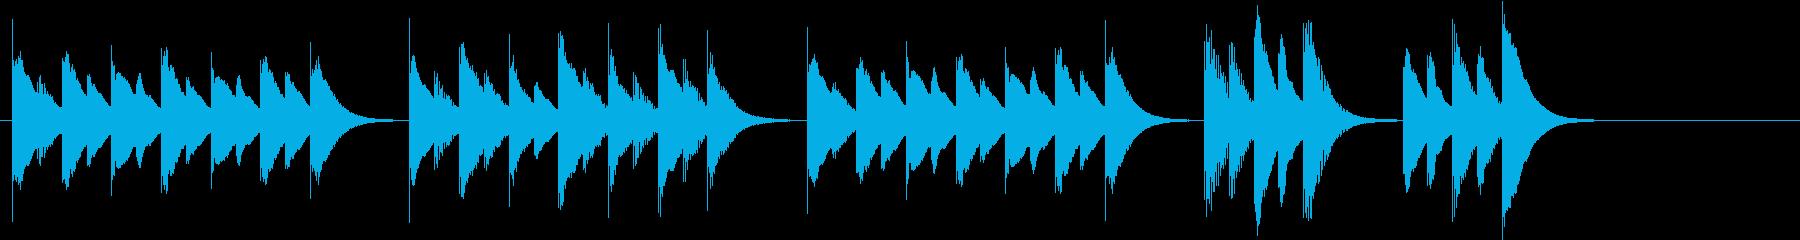 木琴で作った明るく軽快で短い曲の再生済みの波形